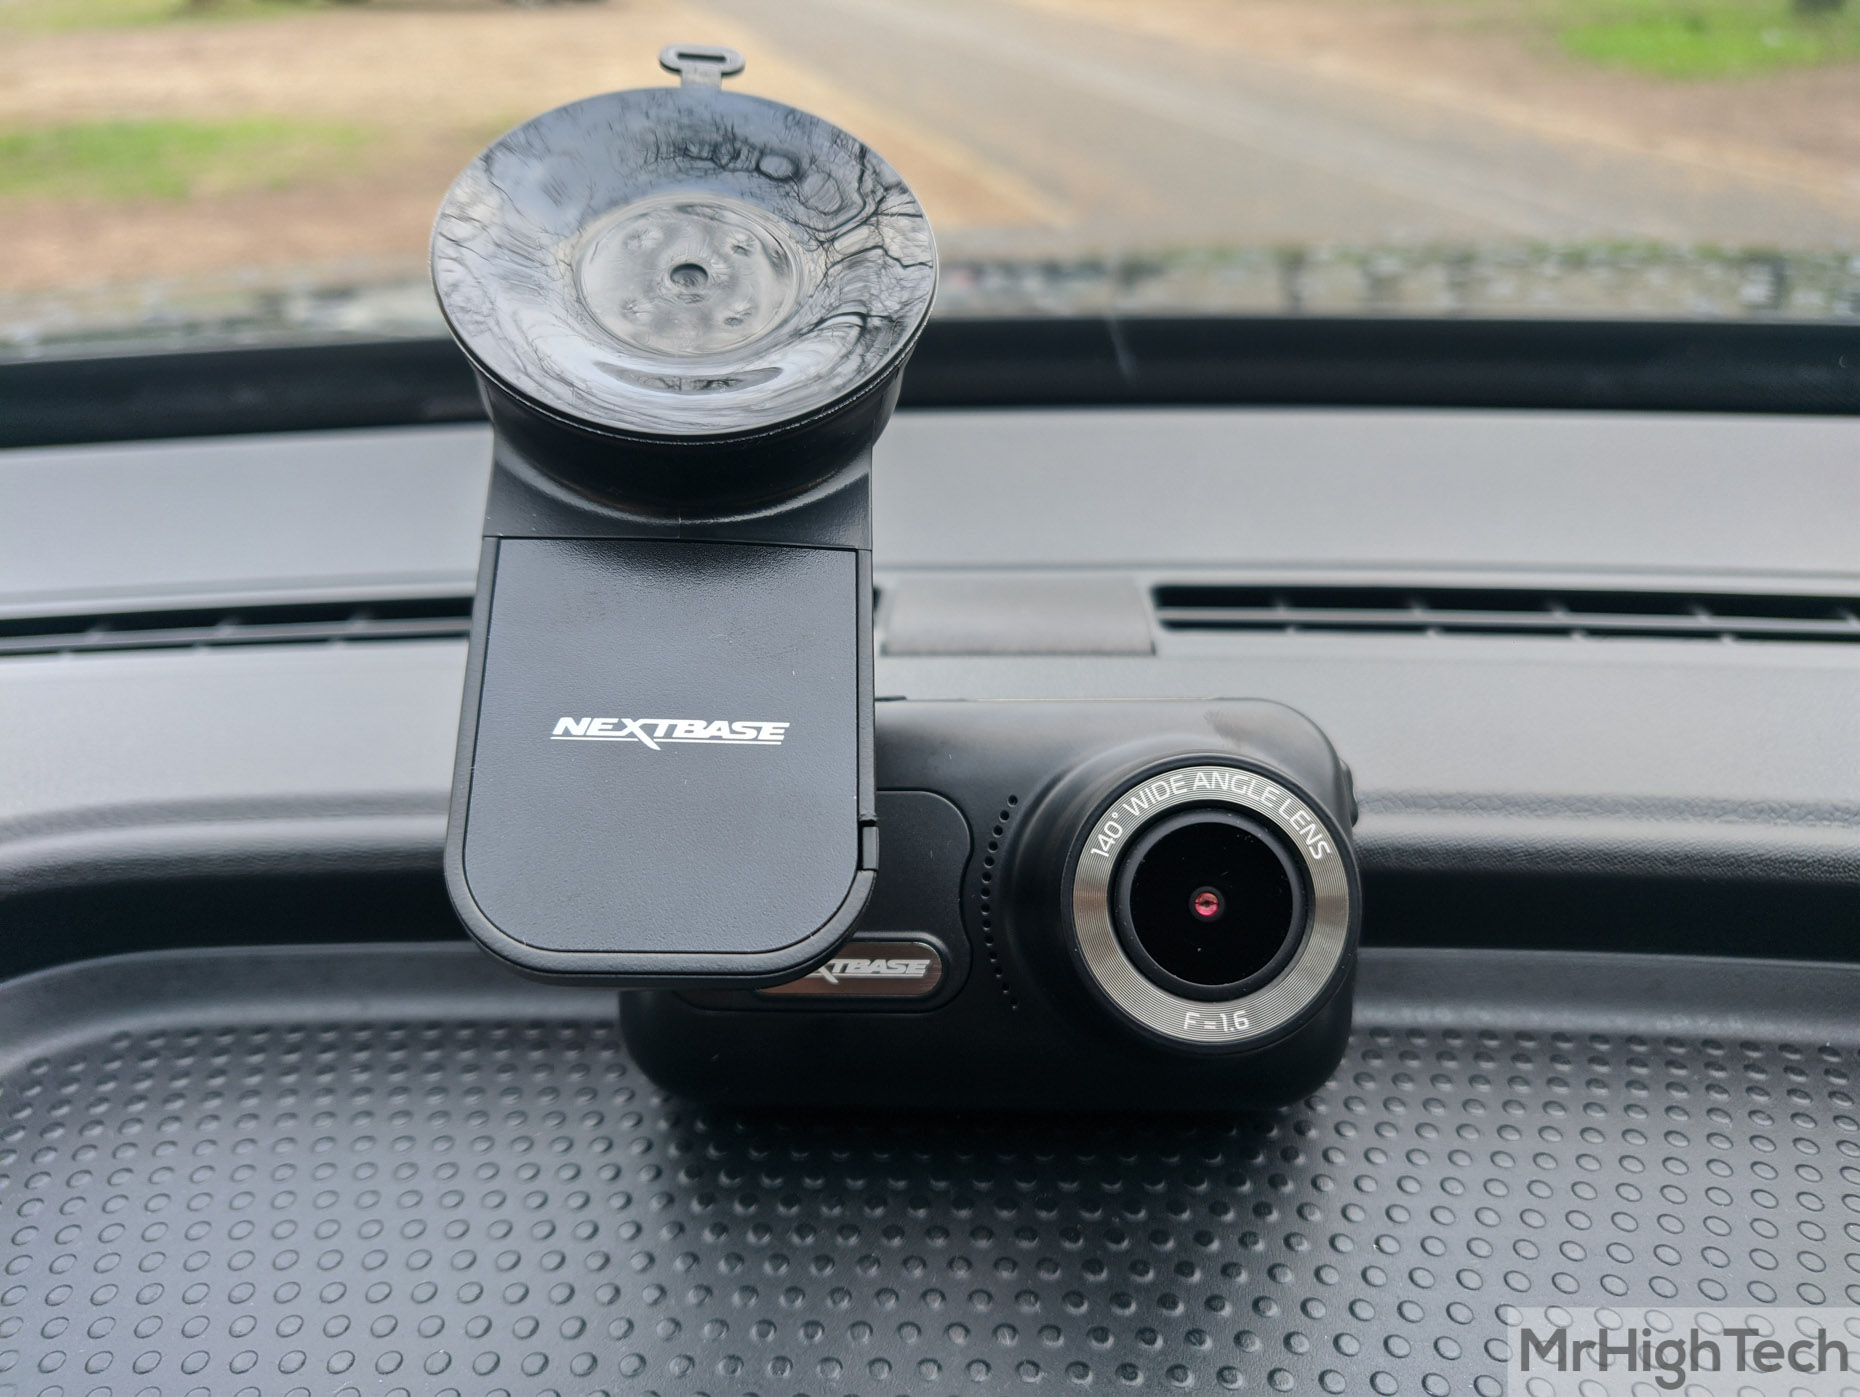 Angle de Vision de 140 /° Cam/éra DVR HD 1080p // 30 IPS Wi-FI et Bluetooth Modules denregistrement Avant et arri/ère GPS Nextbase 322GW Cam/éra Dash SOS Emergency